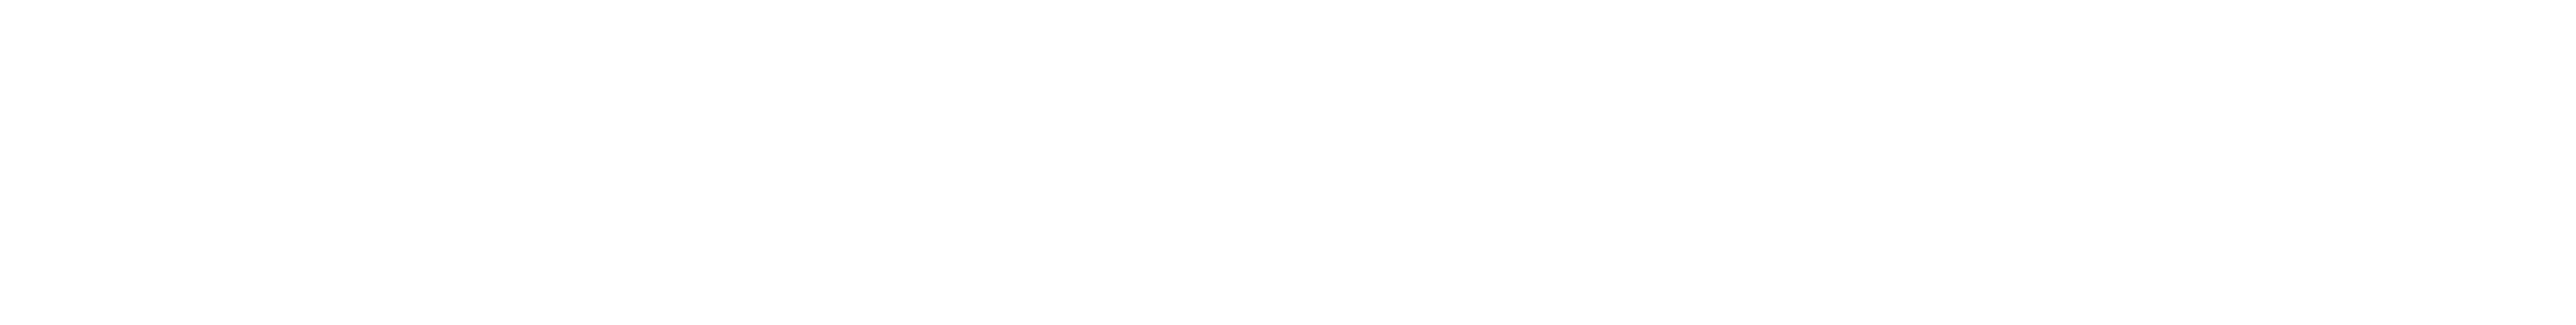 Holsteinshus B&B